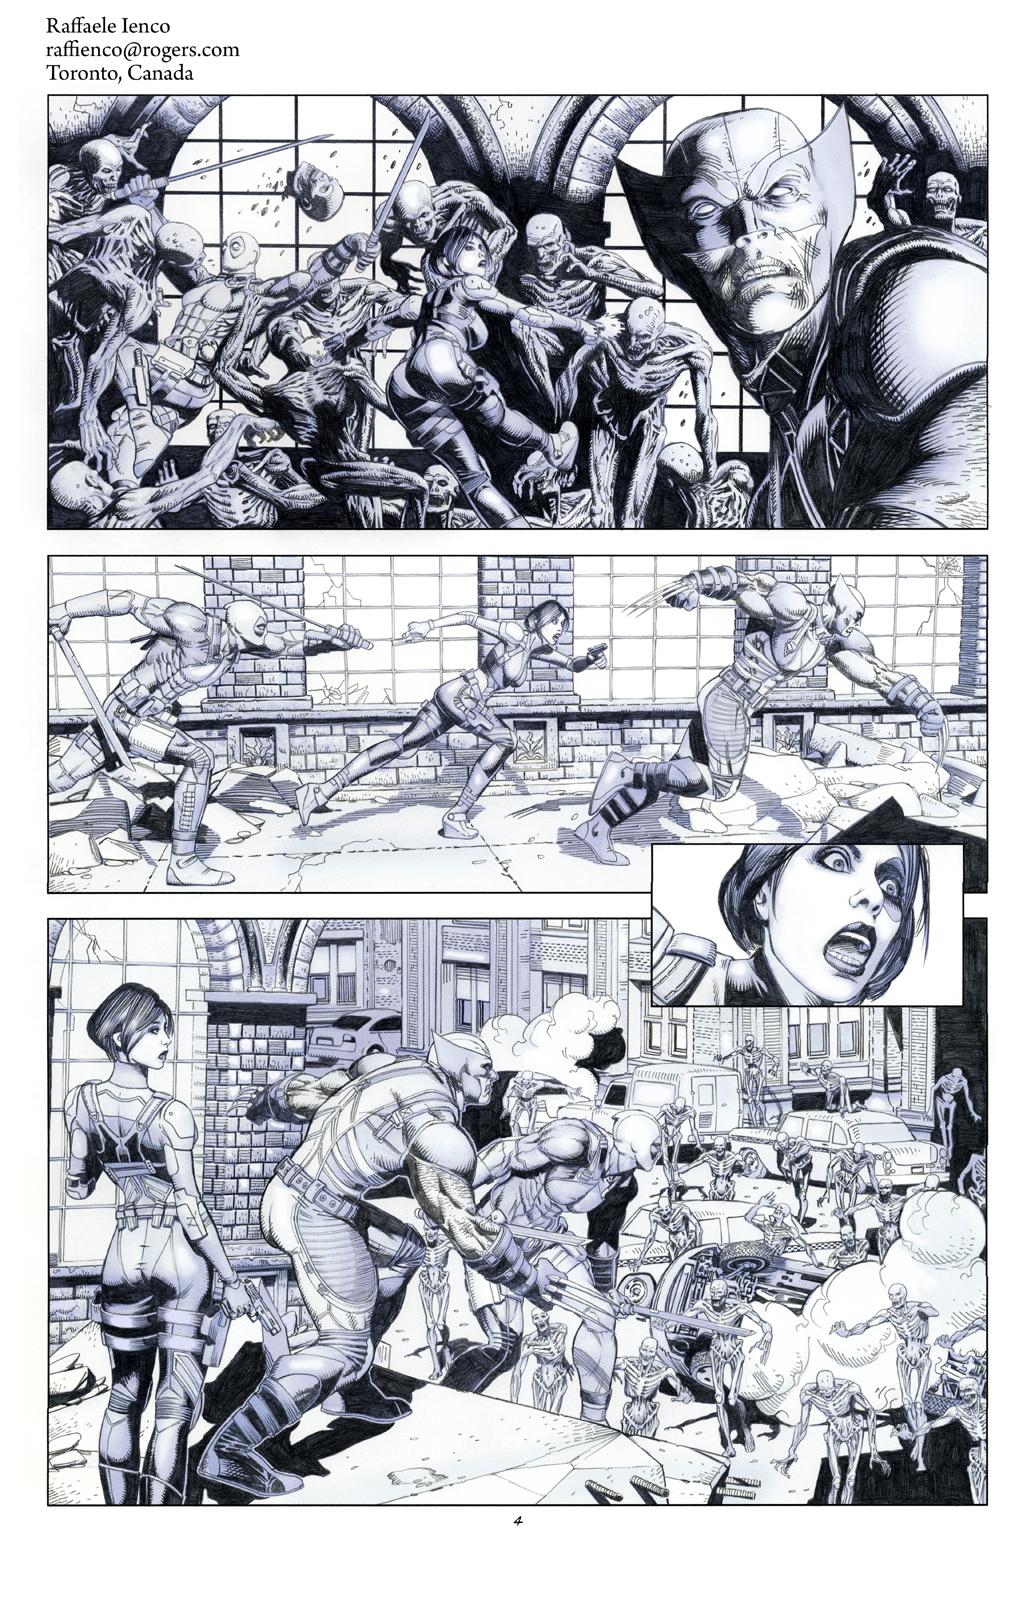 Wolverine Deadpool Domino pencils04 by Raffaele-Ienco